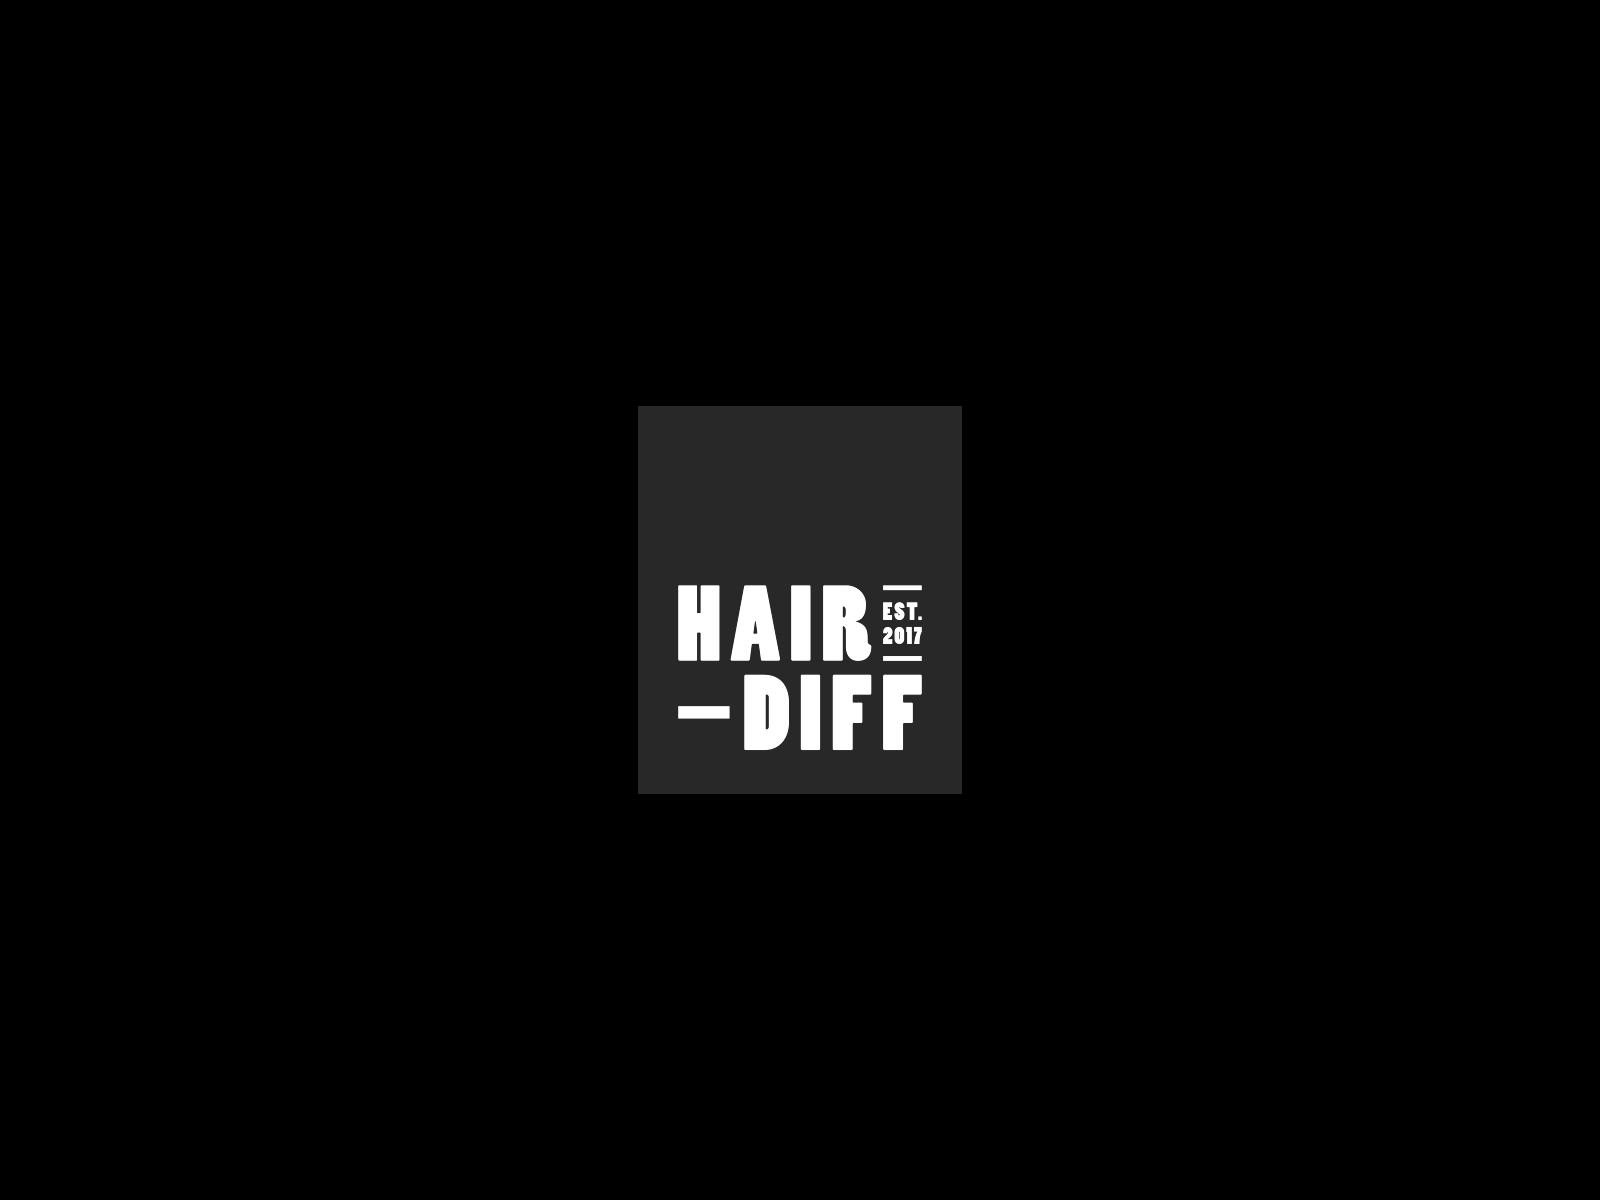 hairdiff